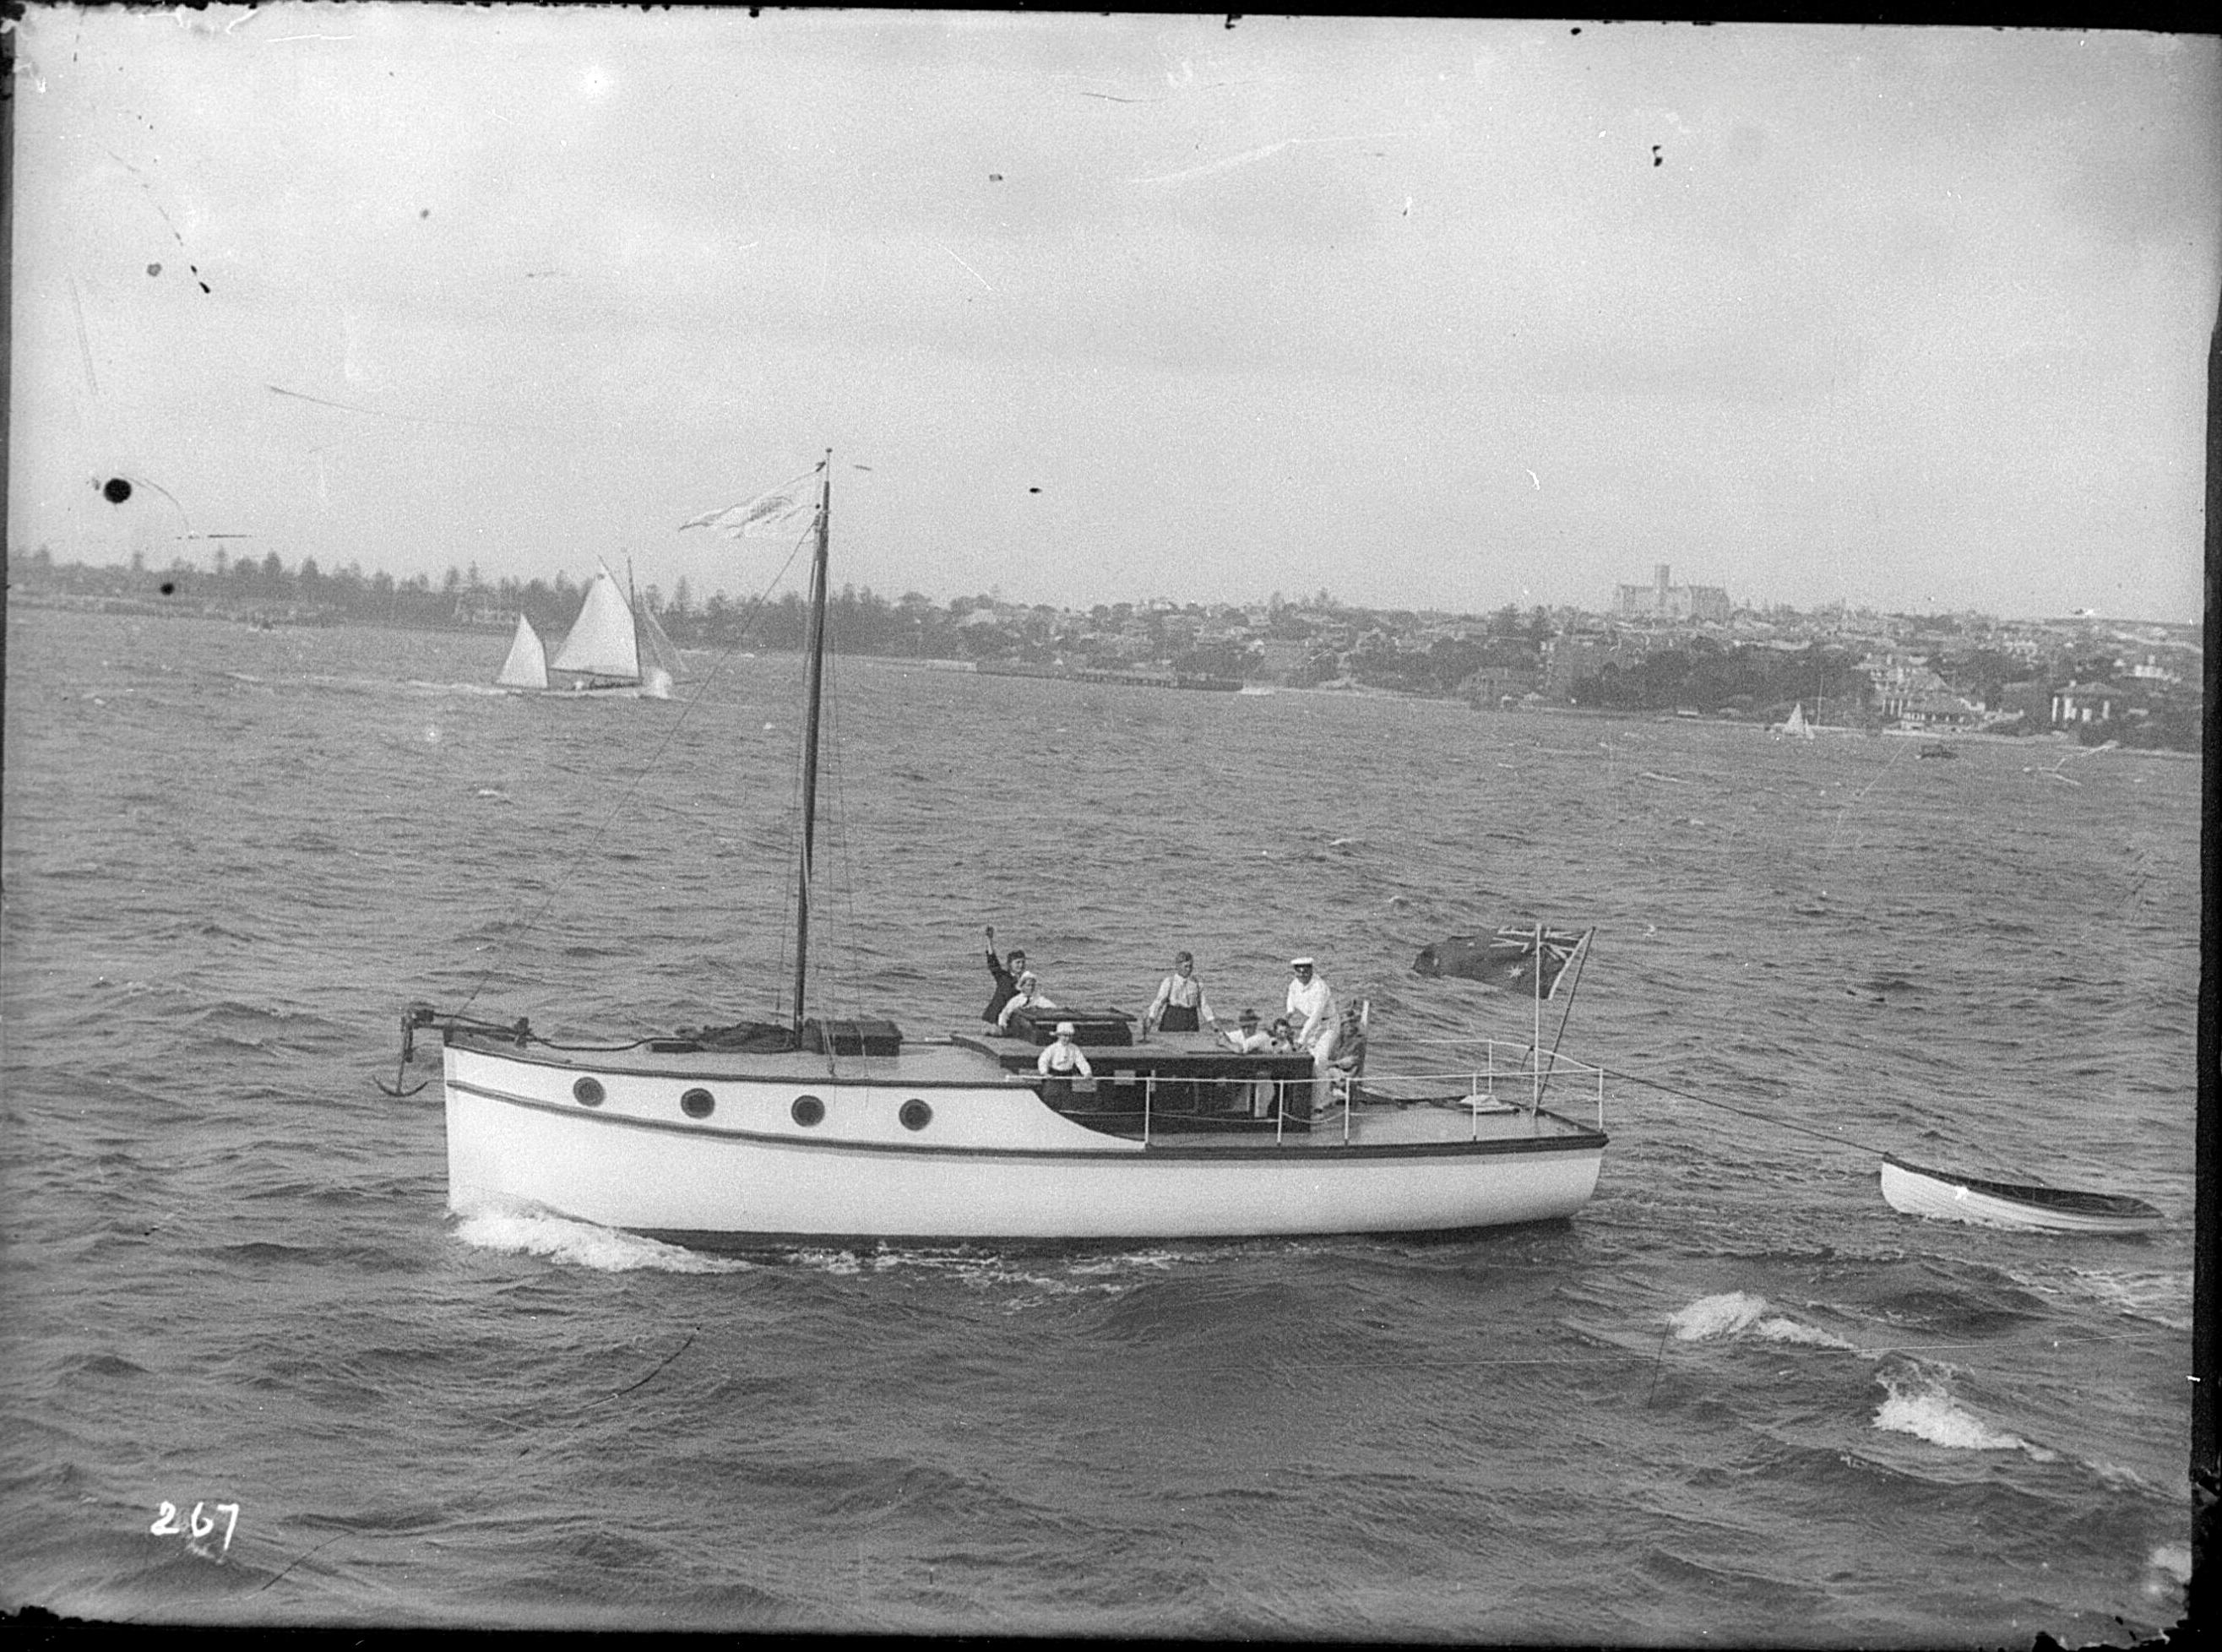 Raised deck motorlaunch near Manly, Sydney